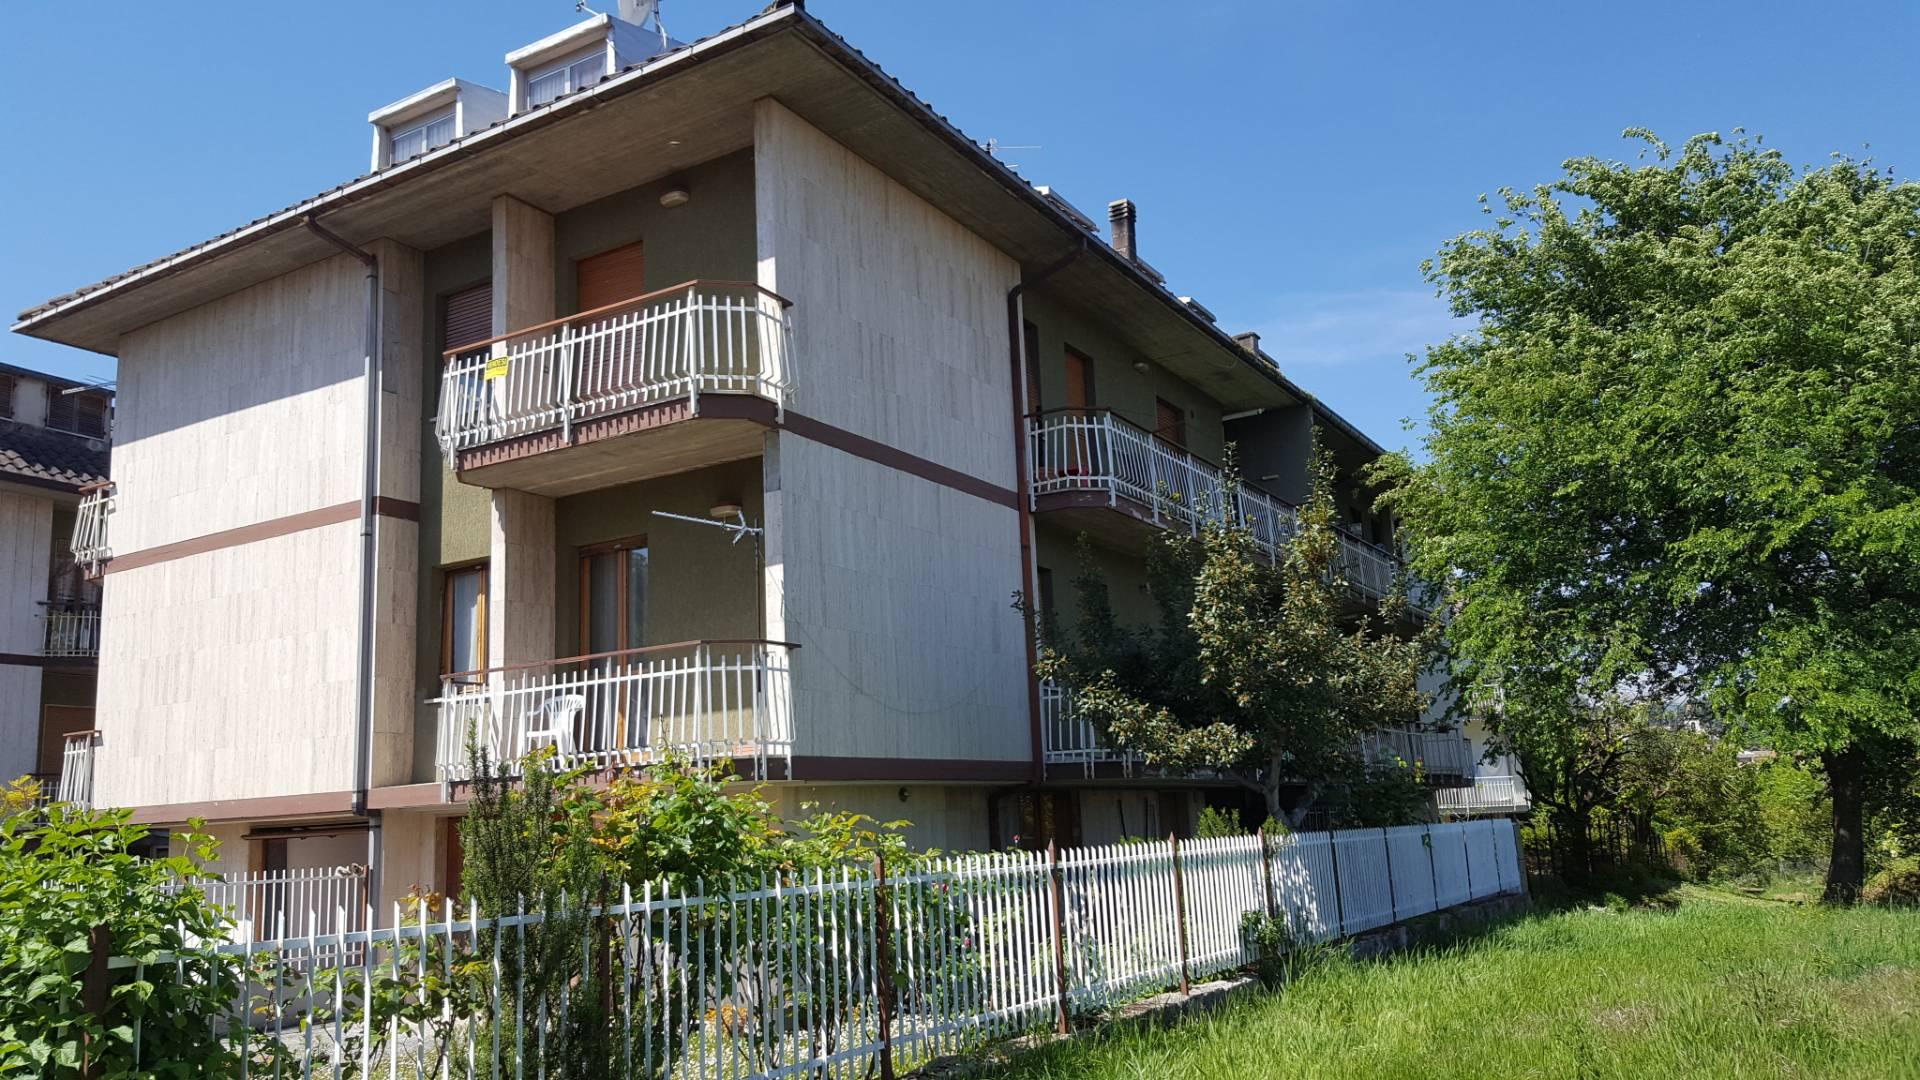 Appartamento in vendita a Ascoli Piceno, 7 locali, zona Località: P.taMaggiore, prezzo € 198.000 | CambioCasa.it